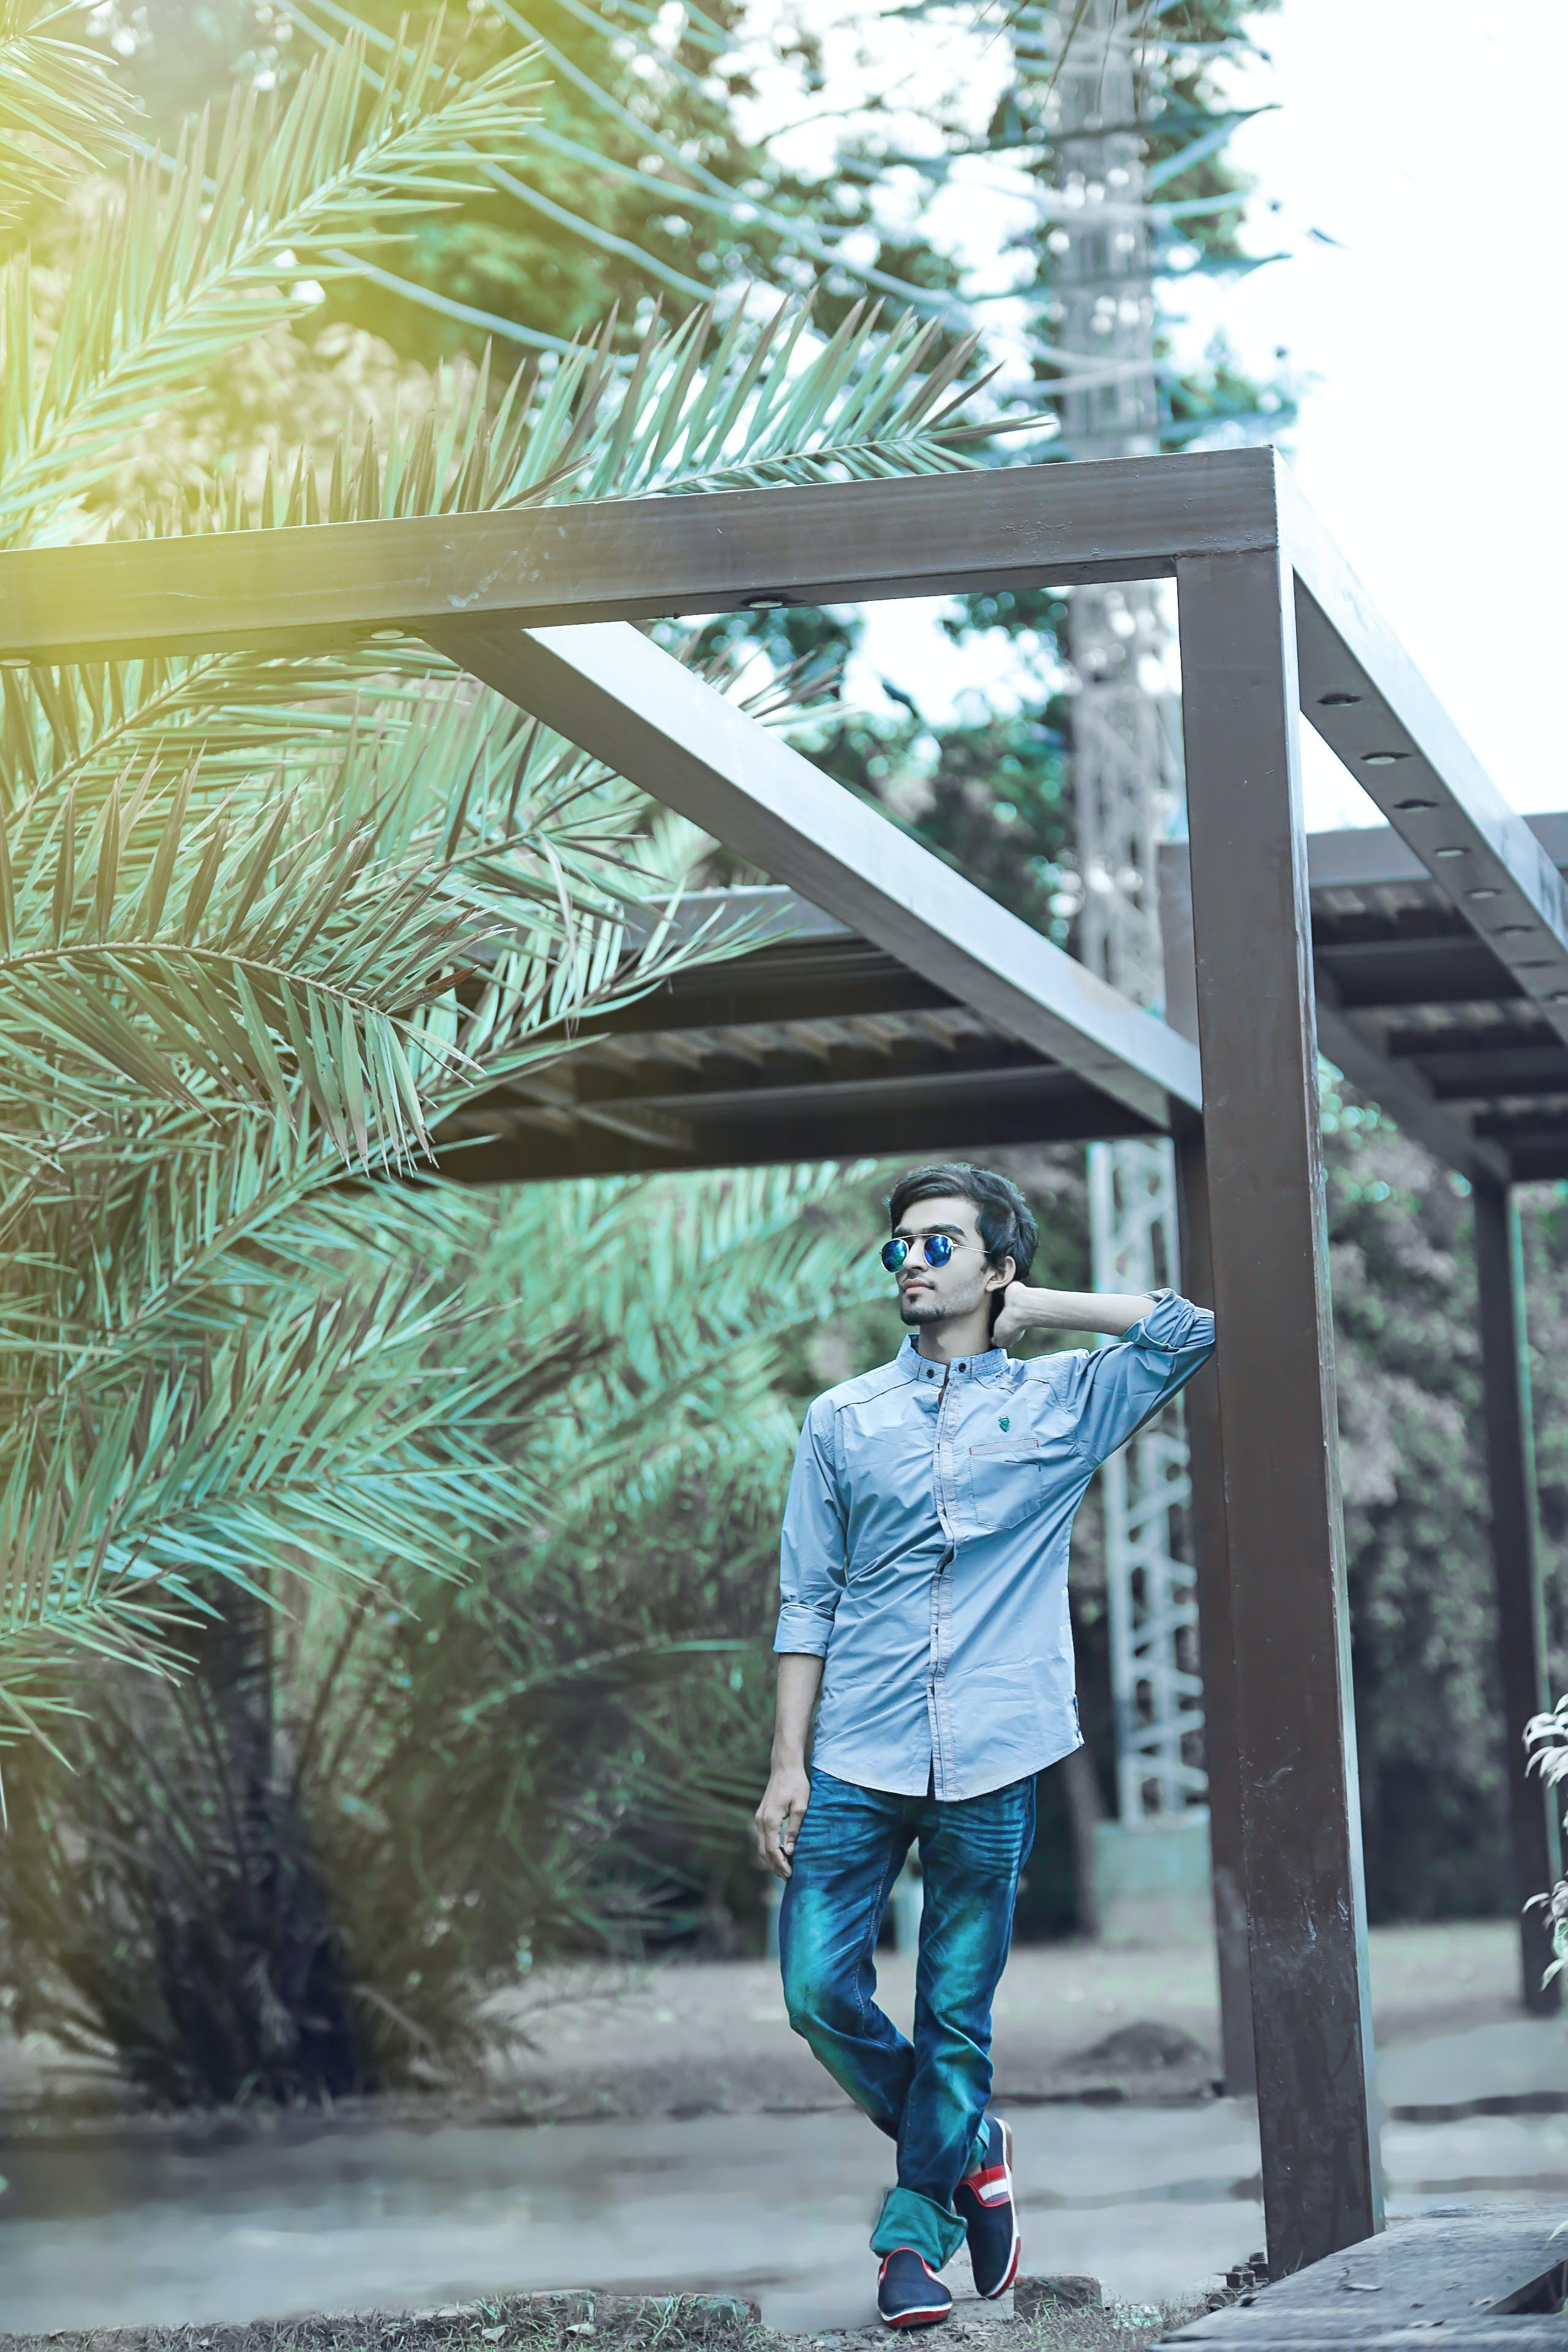 Gratis stockfoto met bomen, daglicht, eigen tijd, fashion